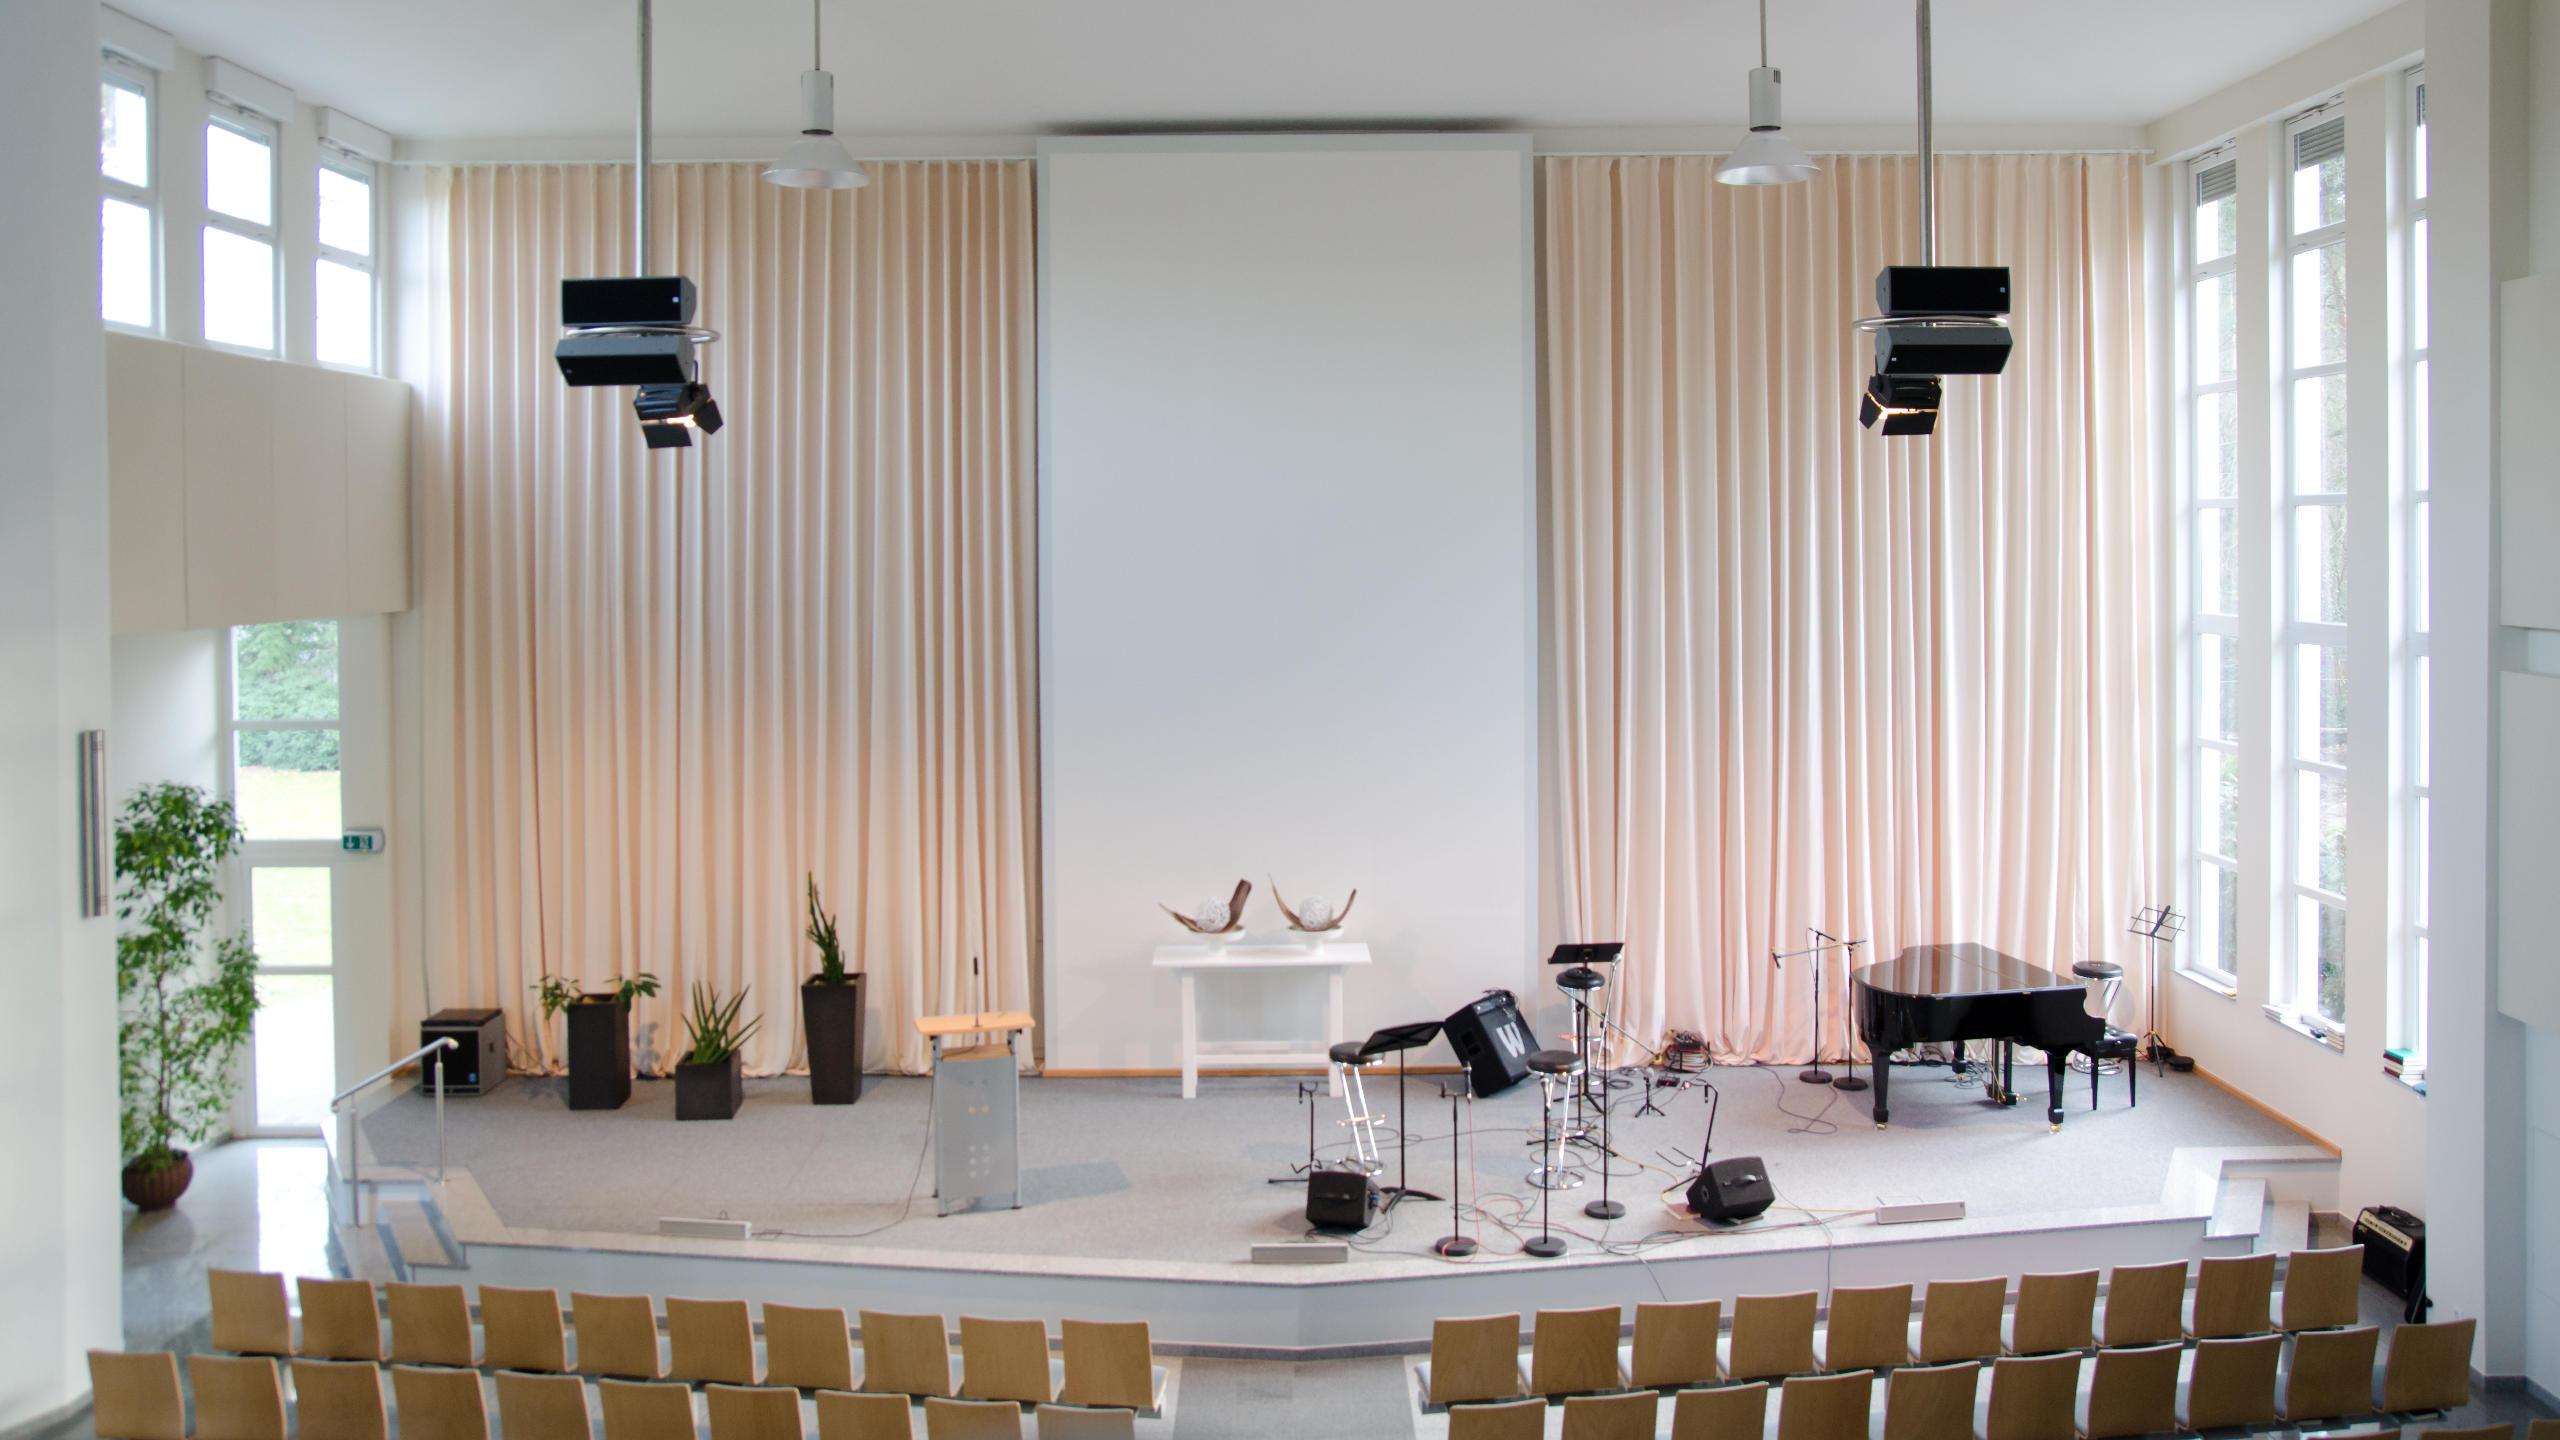 Schallabsorbierende Vorhänge vom Typ AV12 im Bühnenbereich